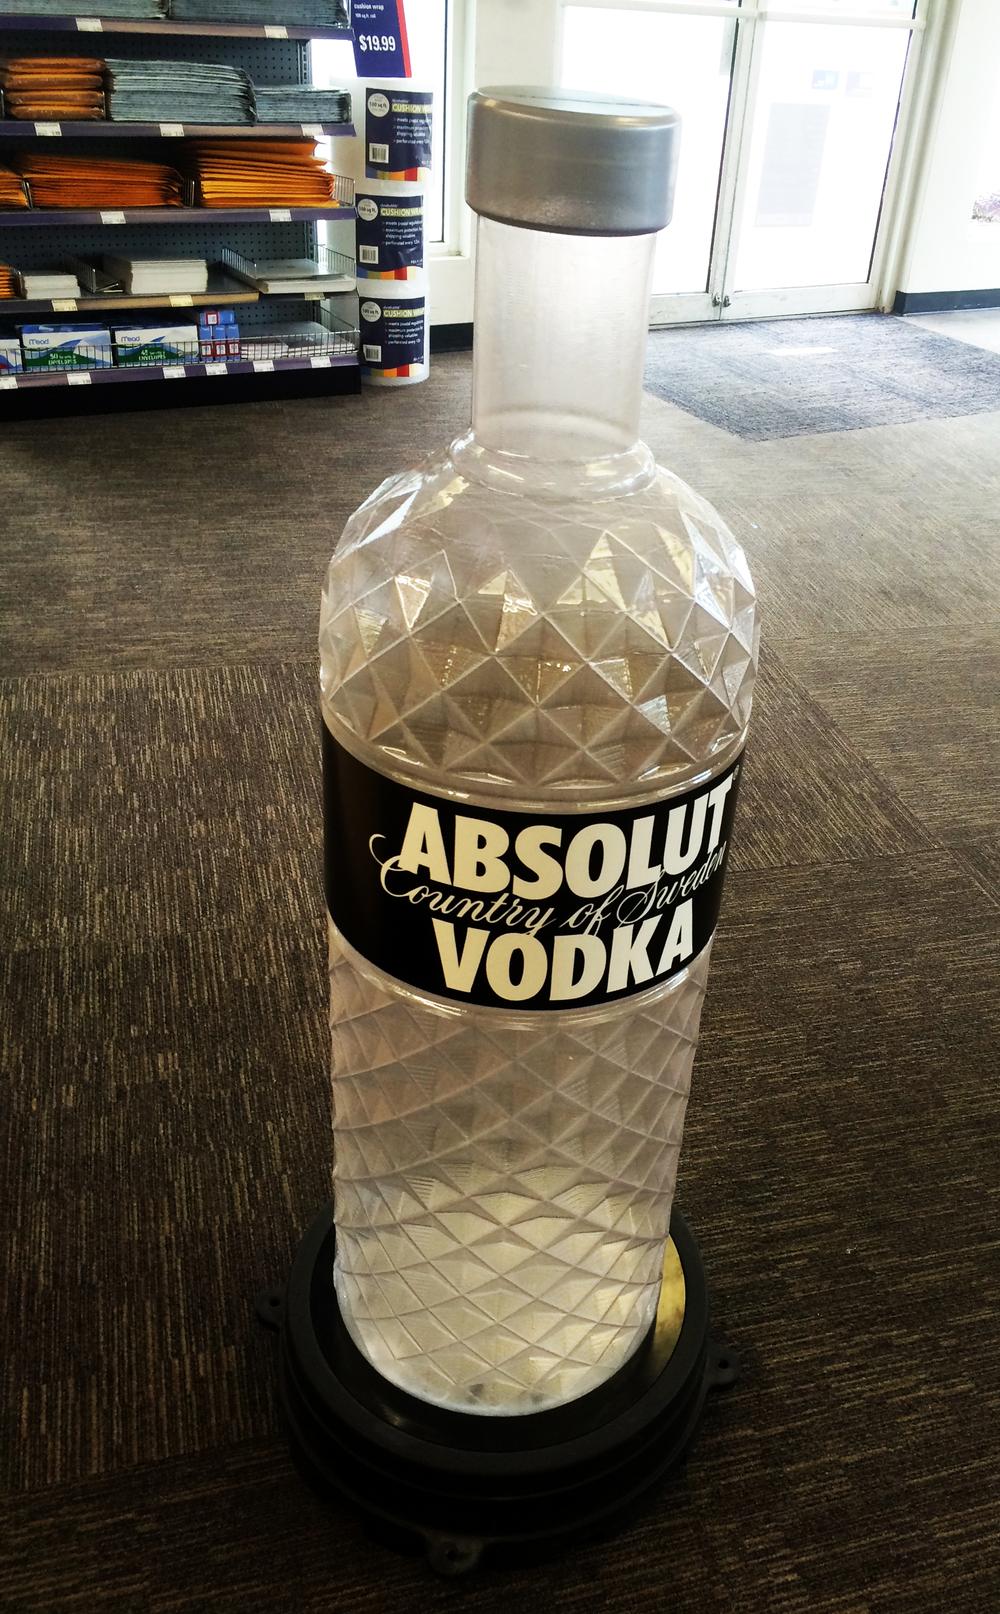 Vacuum form Absolut Vodka Bottle